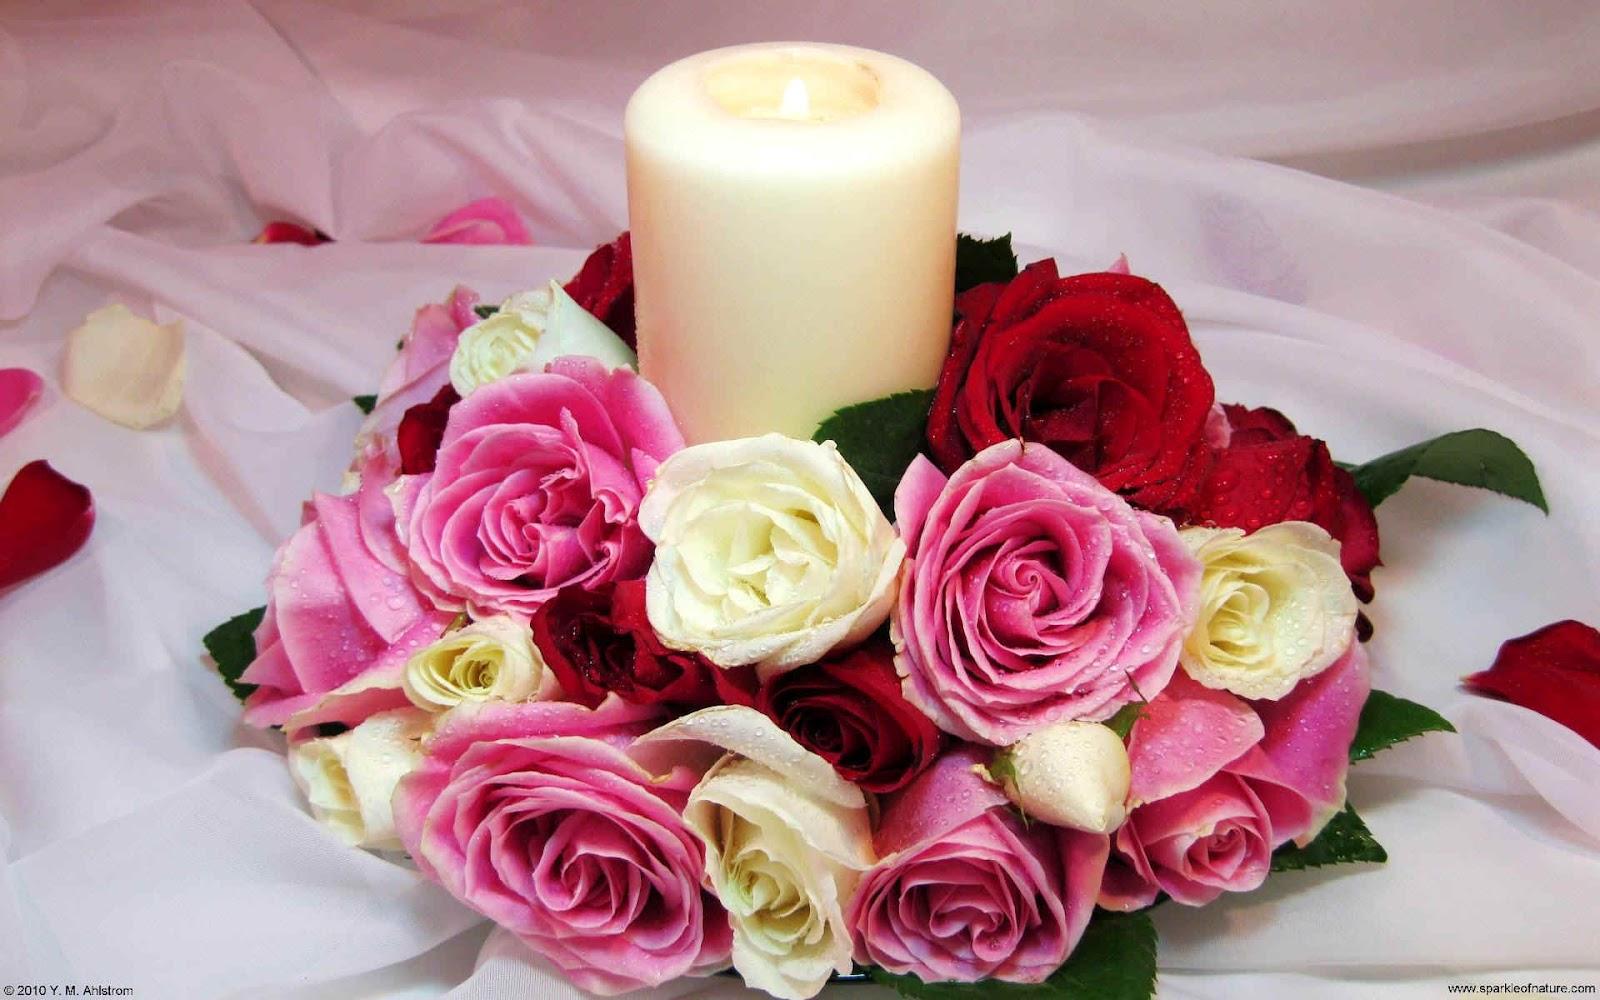 http://1.bp.blogspot.com/-b_ddWdGQuok/UE0r3MPJ2TI/AAAAAAAACF8/olvIN-nq9VI/s1600/18225_valentine_candle_w_1920x1200.jpg